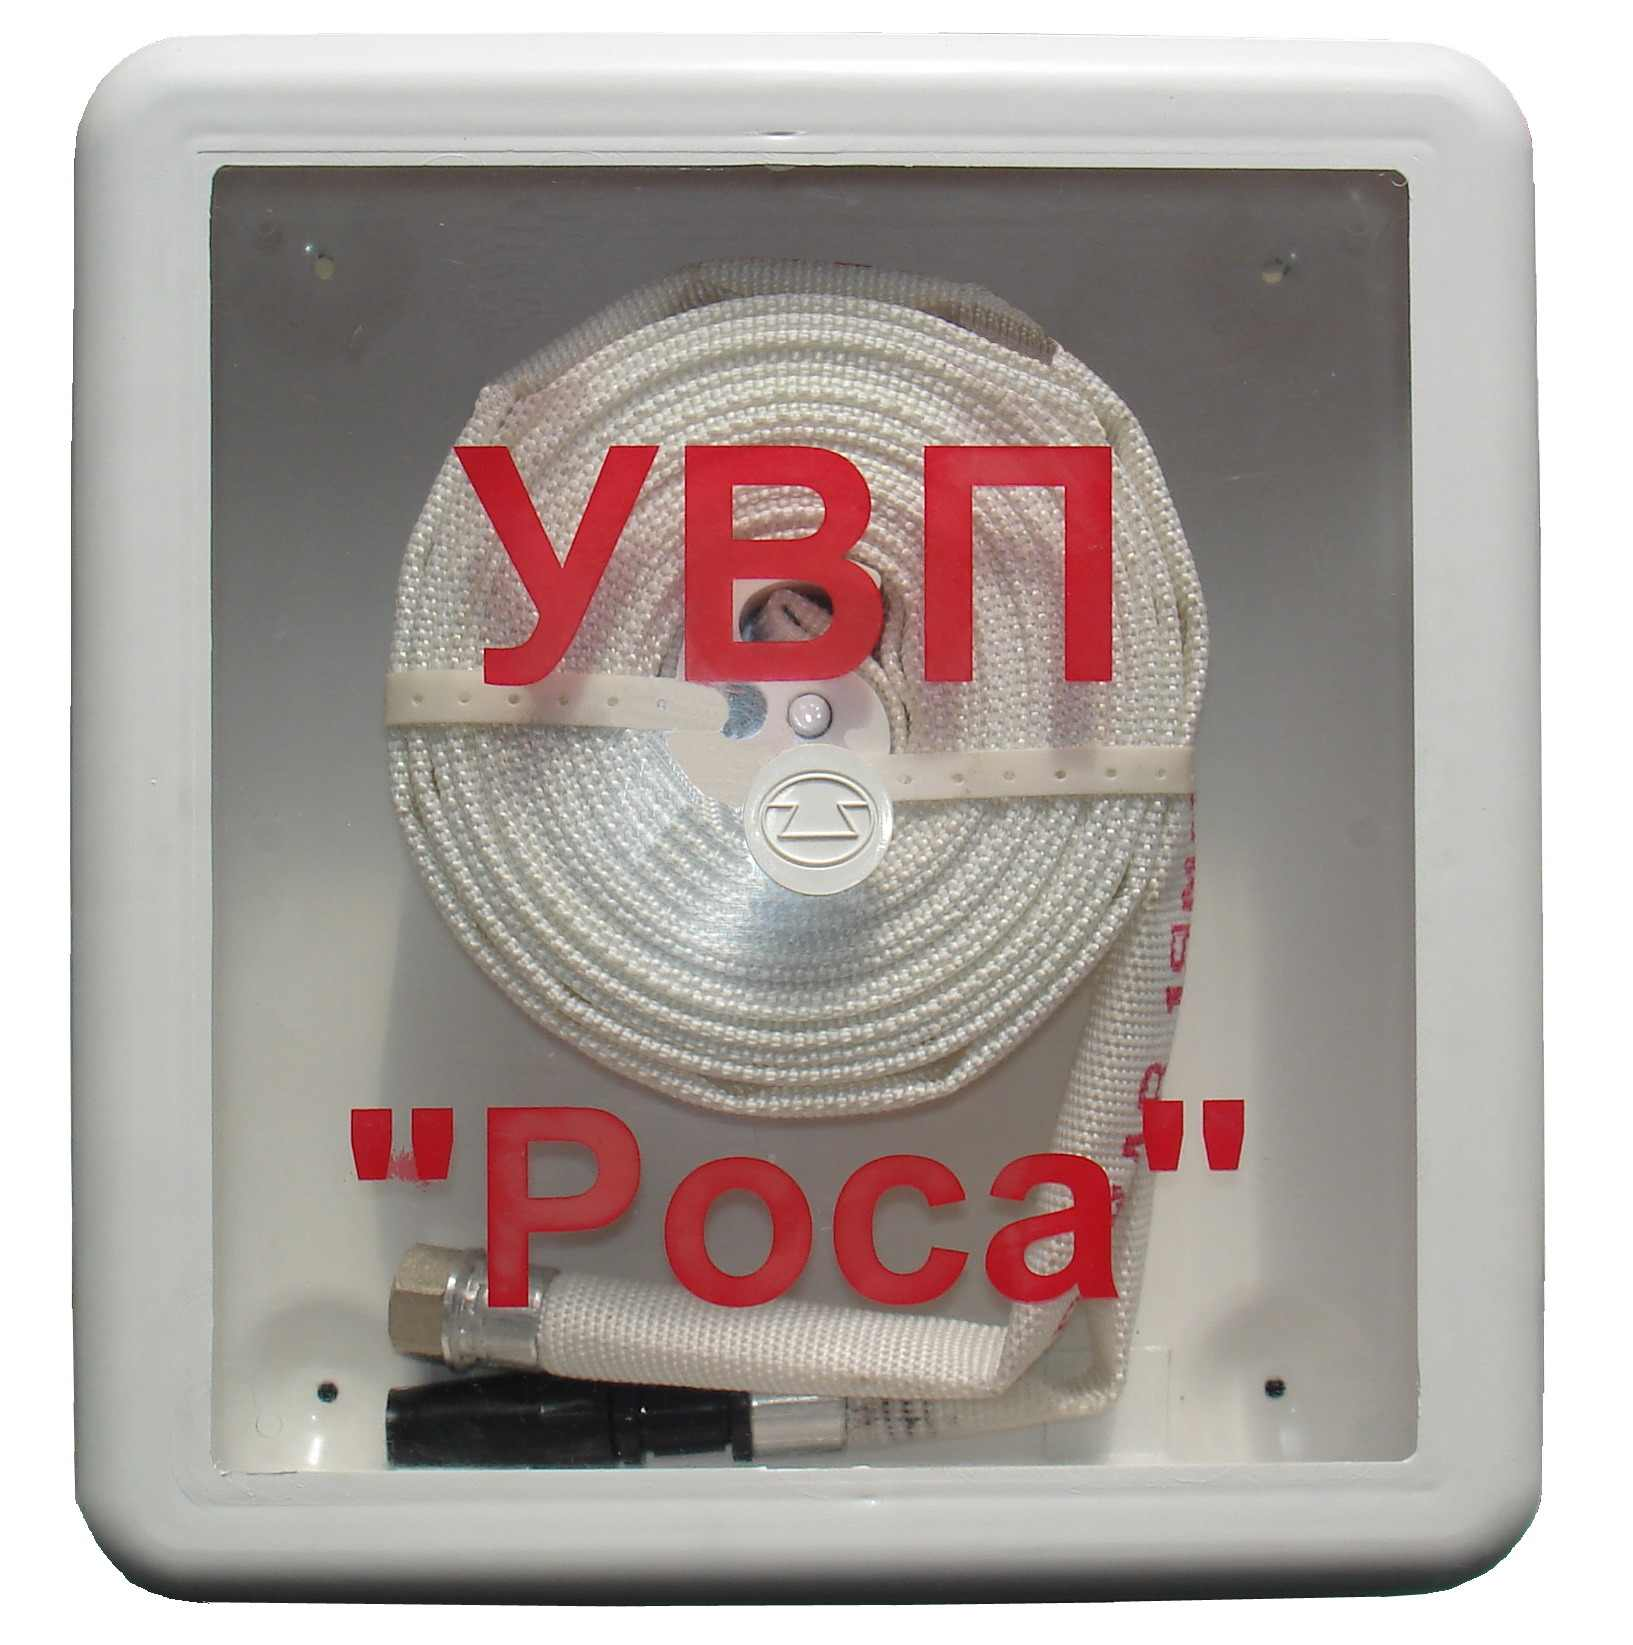 Роса инструкция - устройство внутреннего пожаротушения